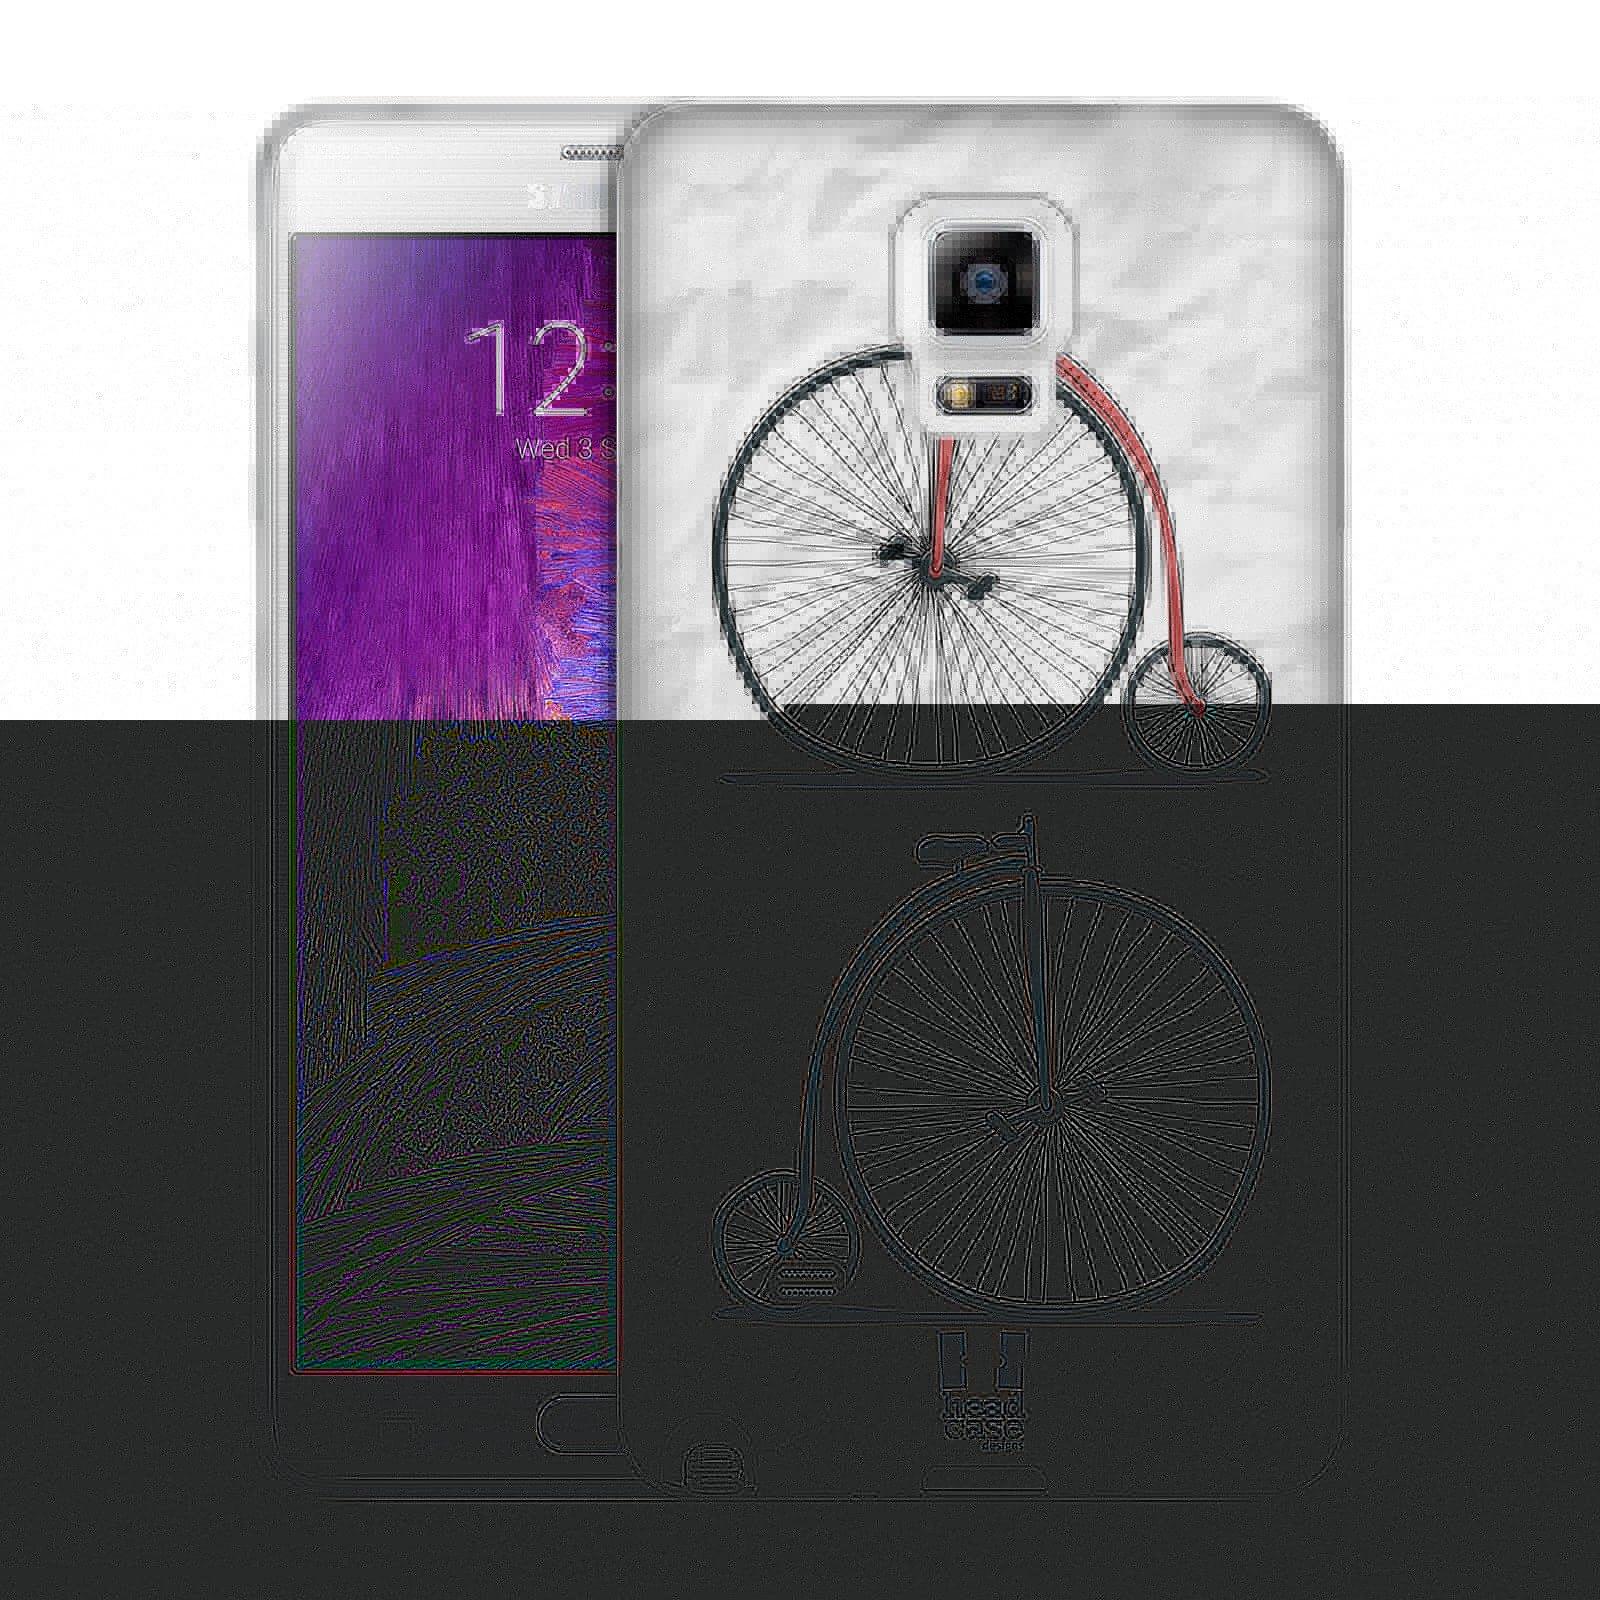 HEAD CASE silikonový obal na mobil Samsung Galaxy Note 4 (N910) vzor Retro kola VELKÉ KOLO